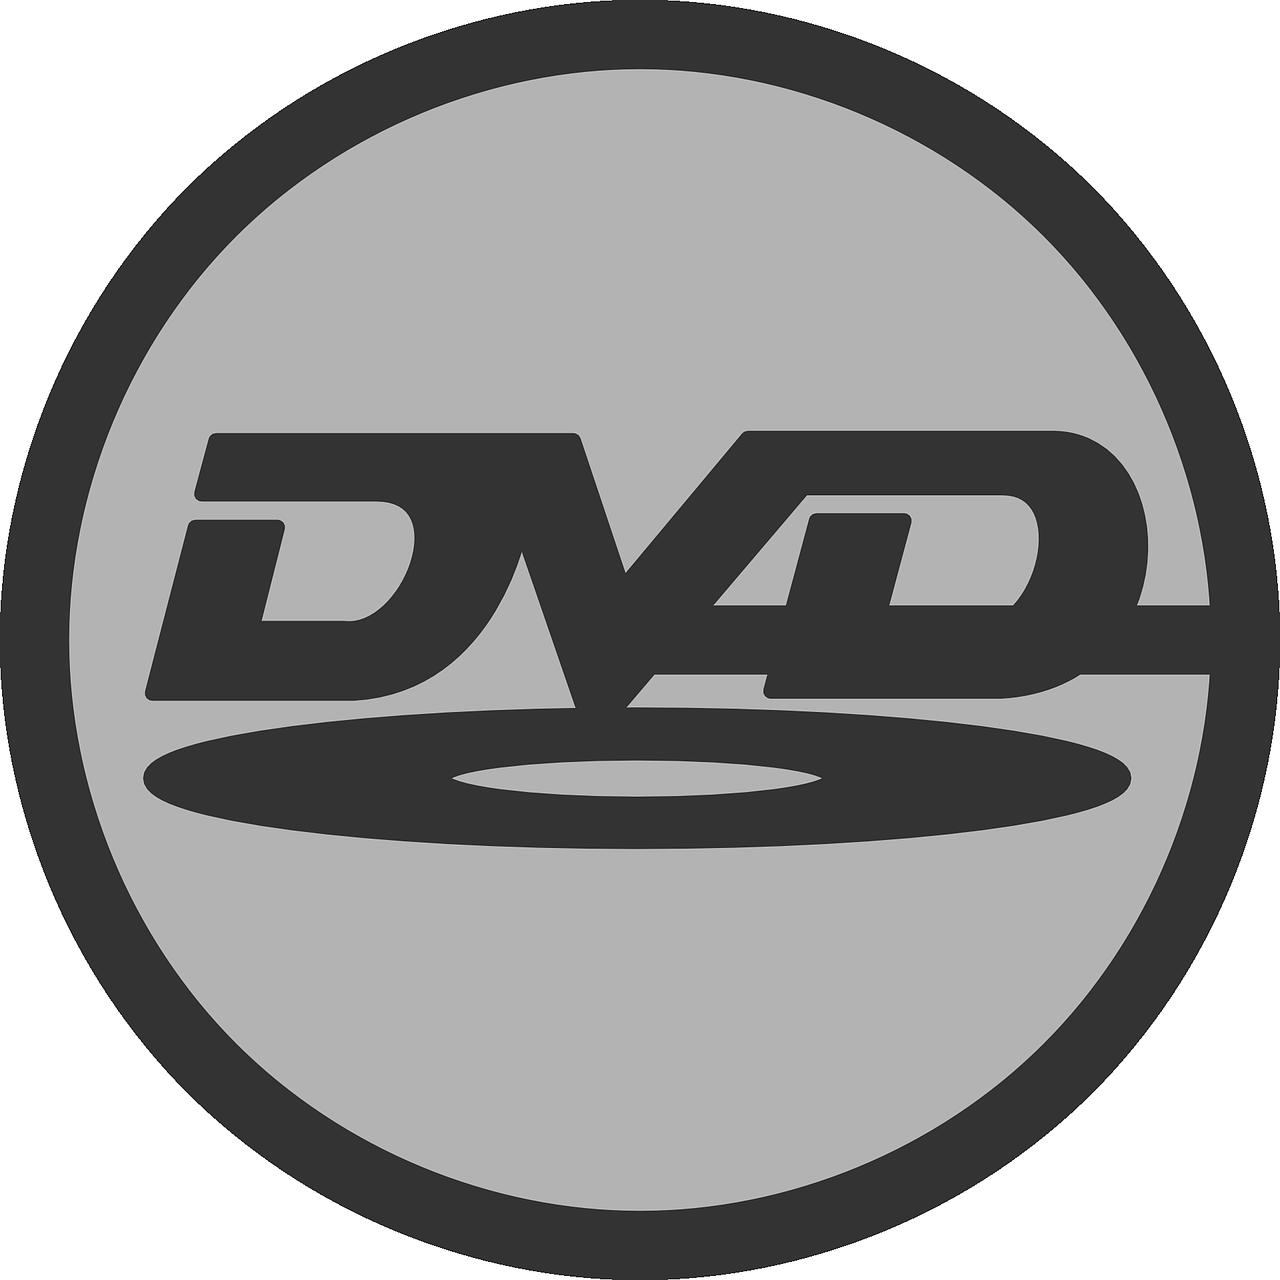 アマゾンで購入できるおすすめのDVDプレーヤー11選|安心して選ぼう!のサムネイル画像